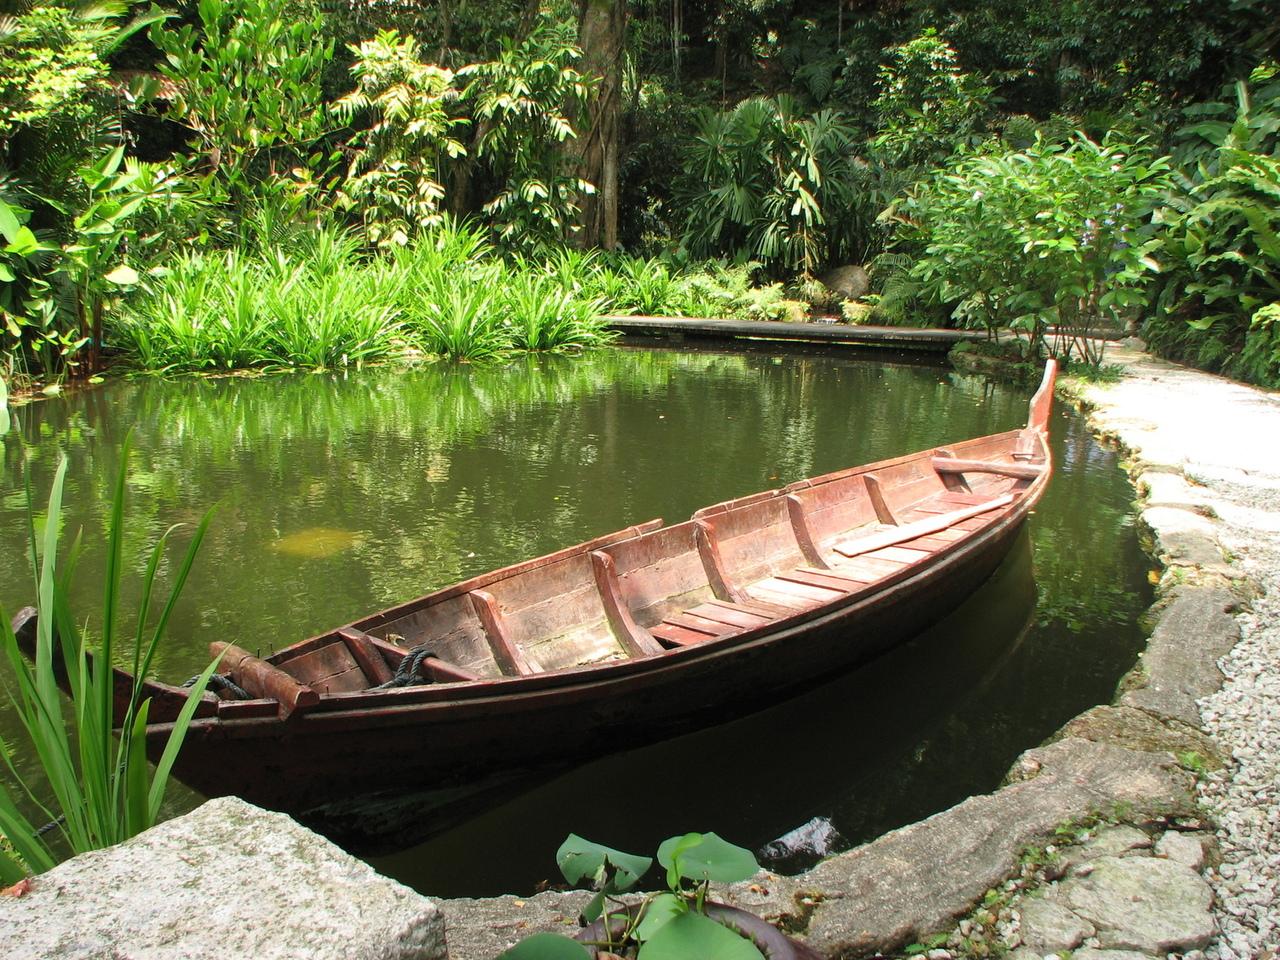 peace-boat-1179900-1280x960.jpg